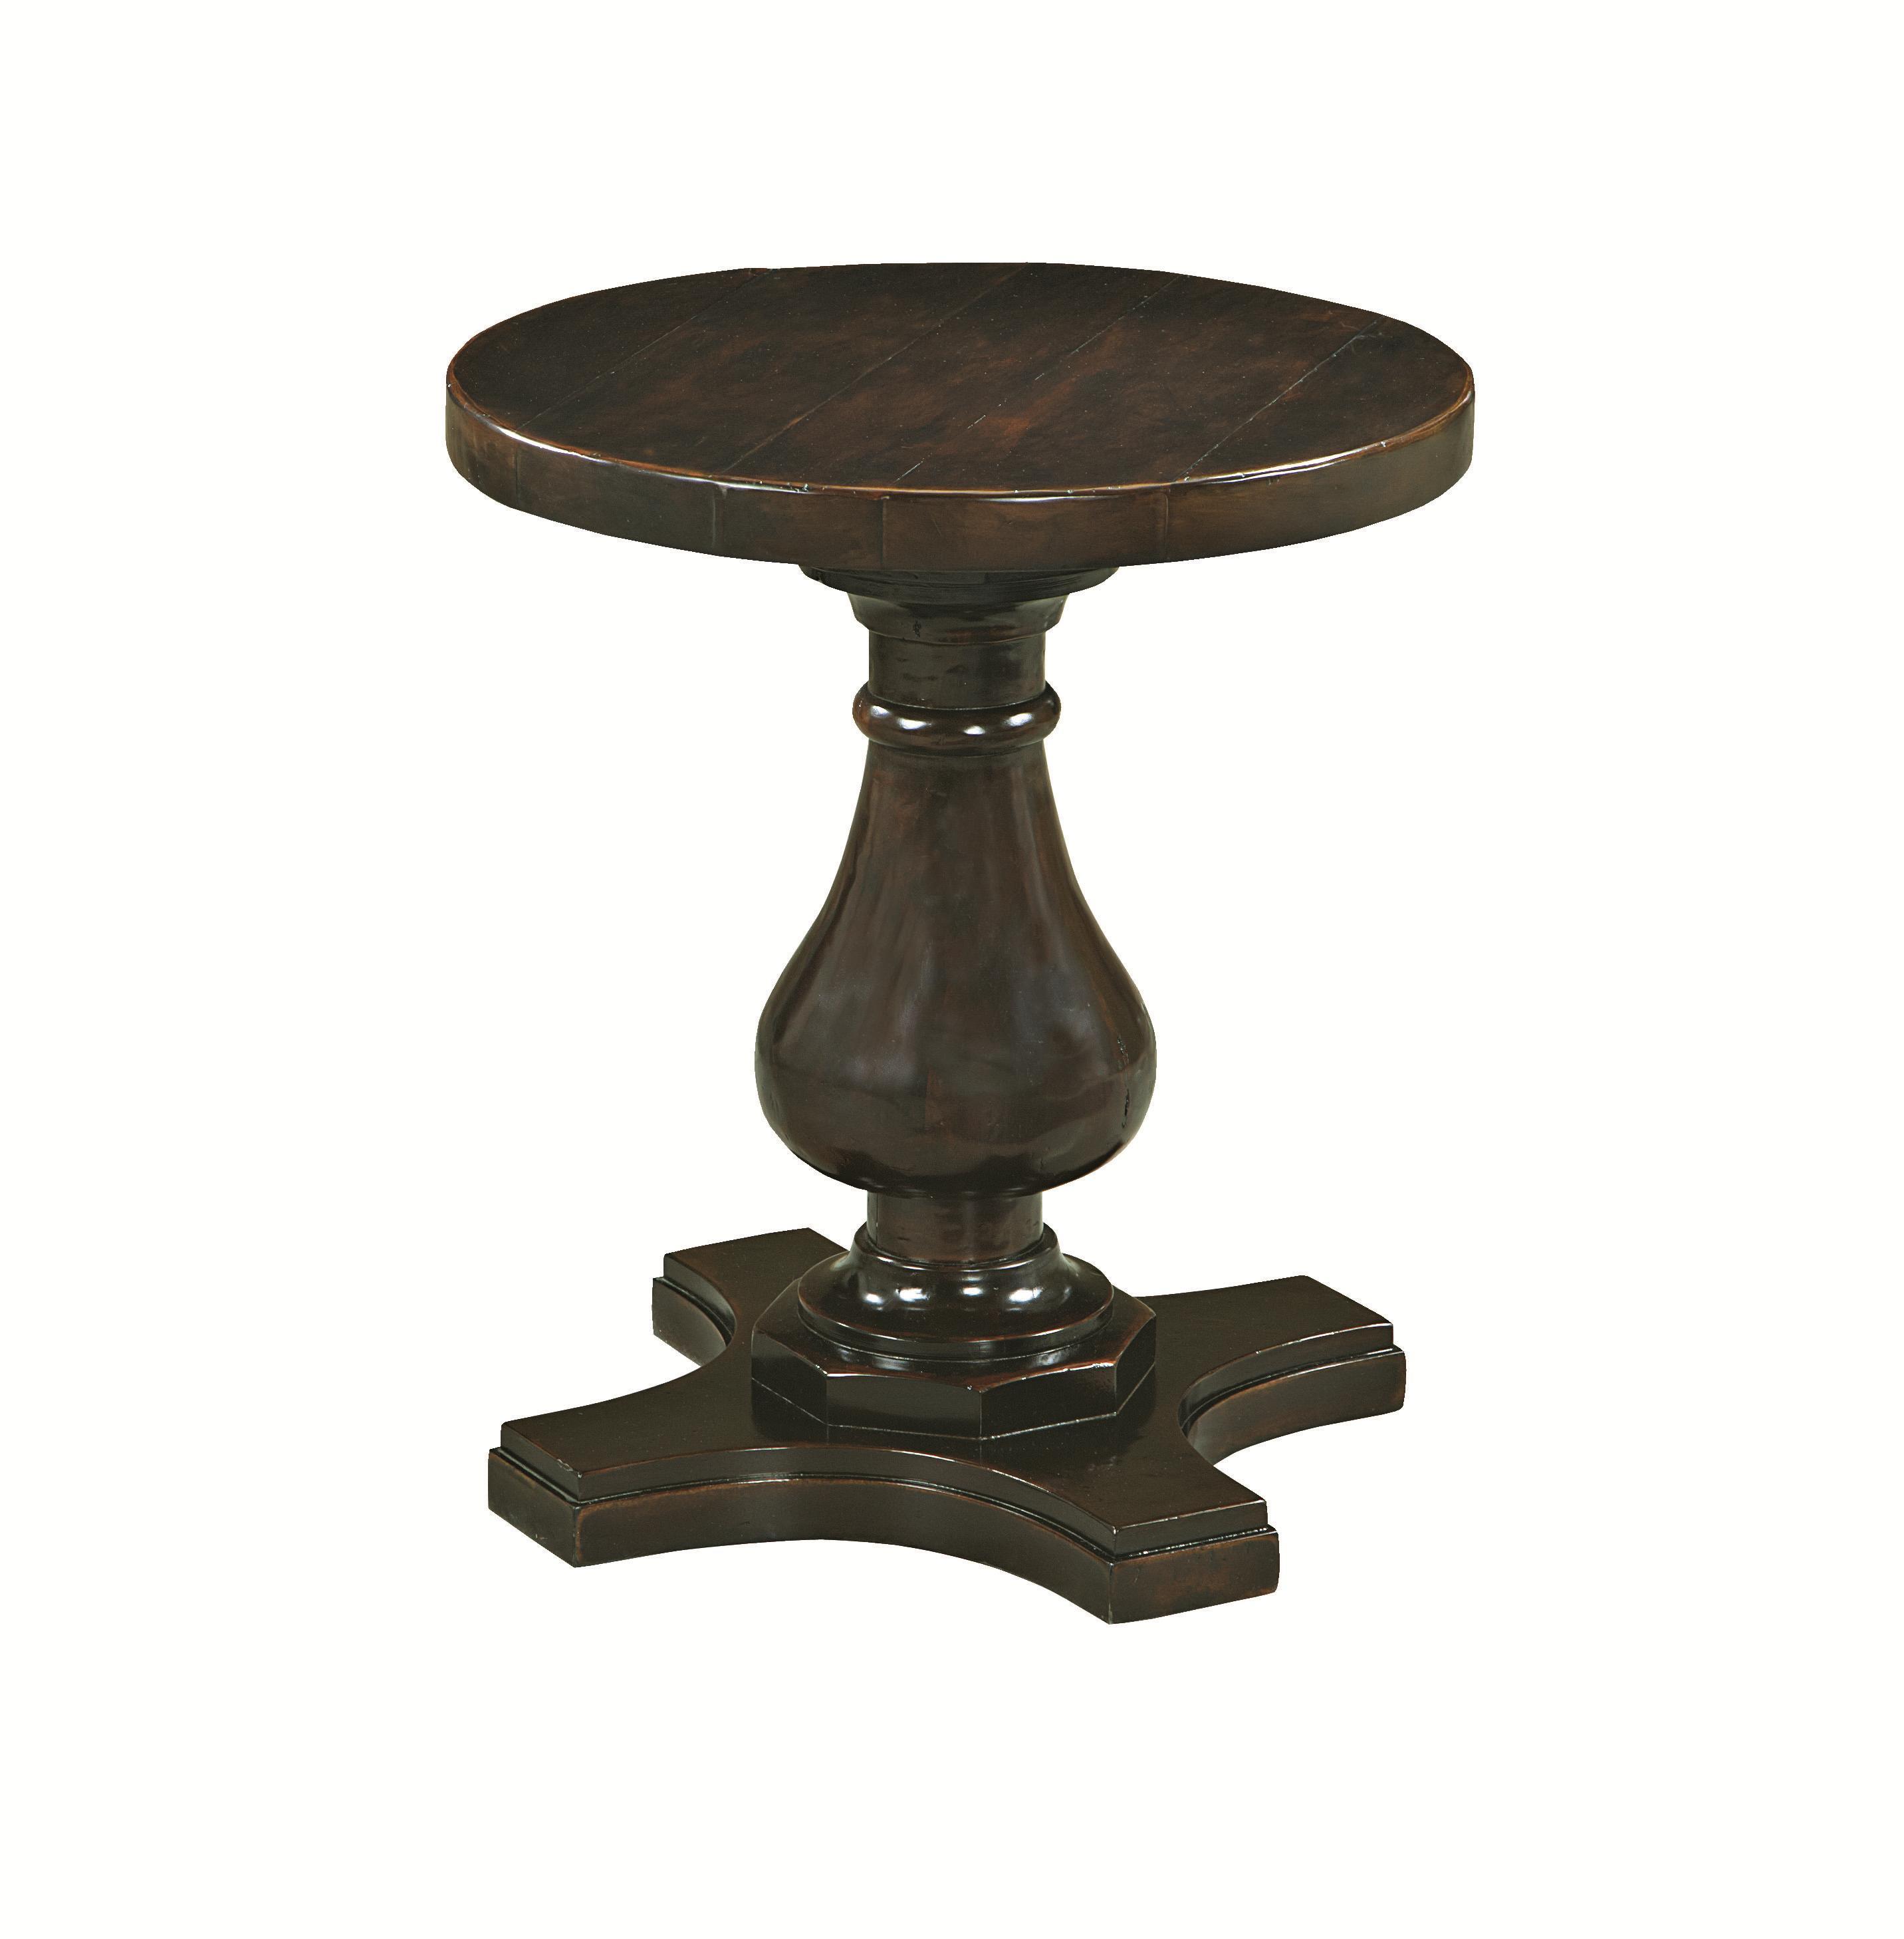 Bernhardt Sandalwood Sandalwood Ave Side Table - Item Number: 463-121